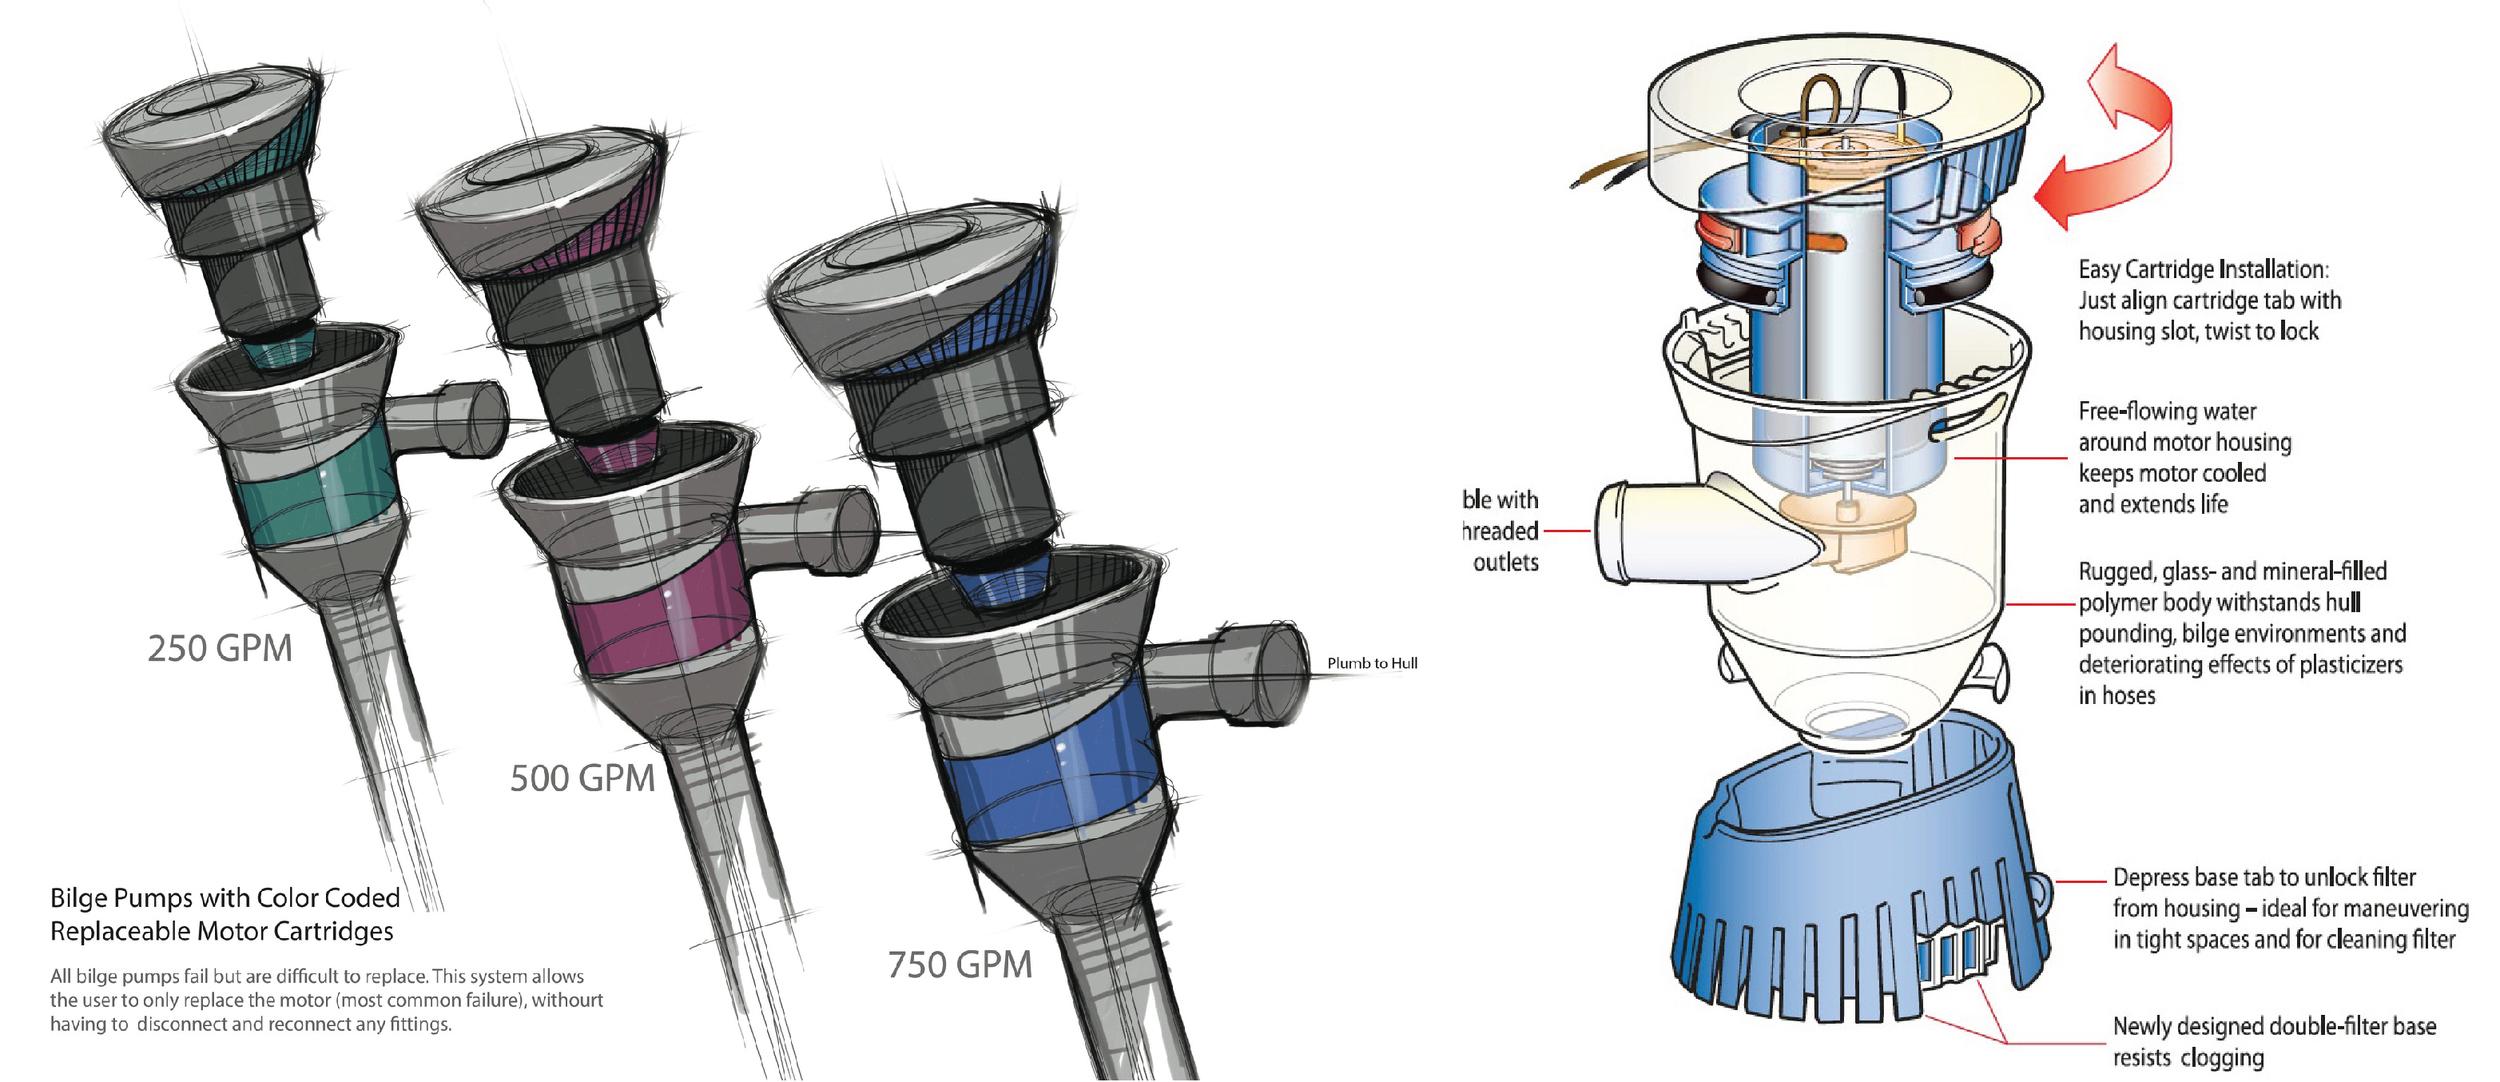 Tsunami Bilge Pumps Sketches